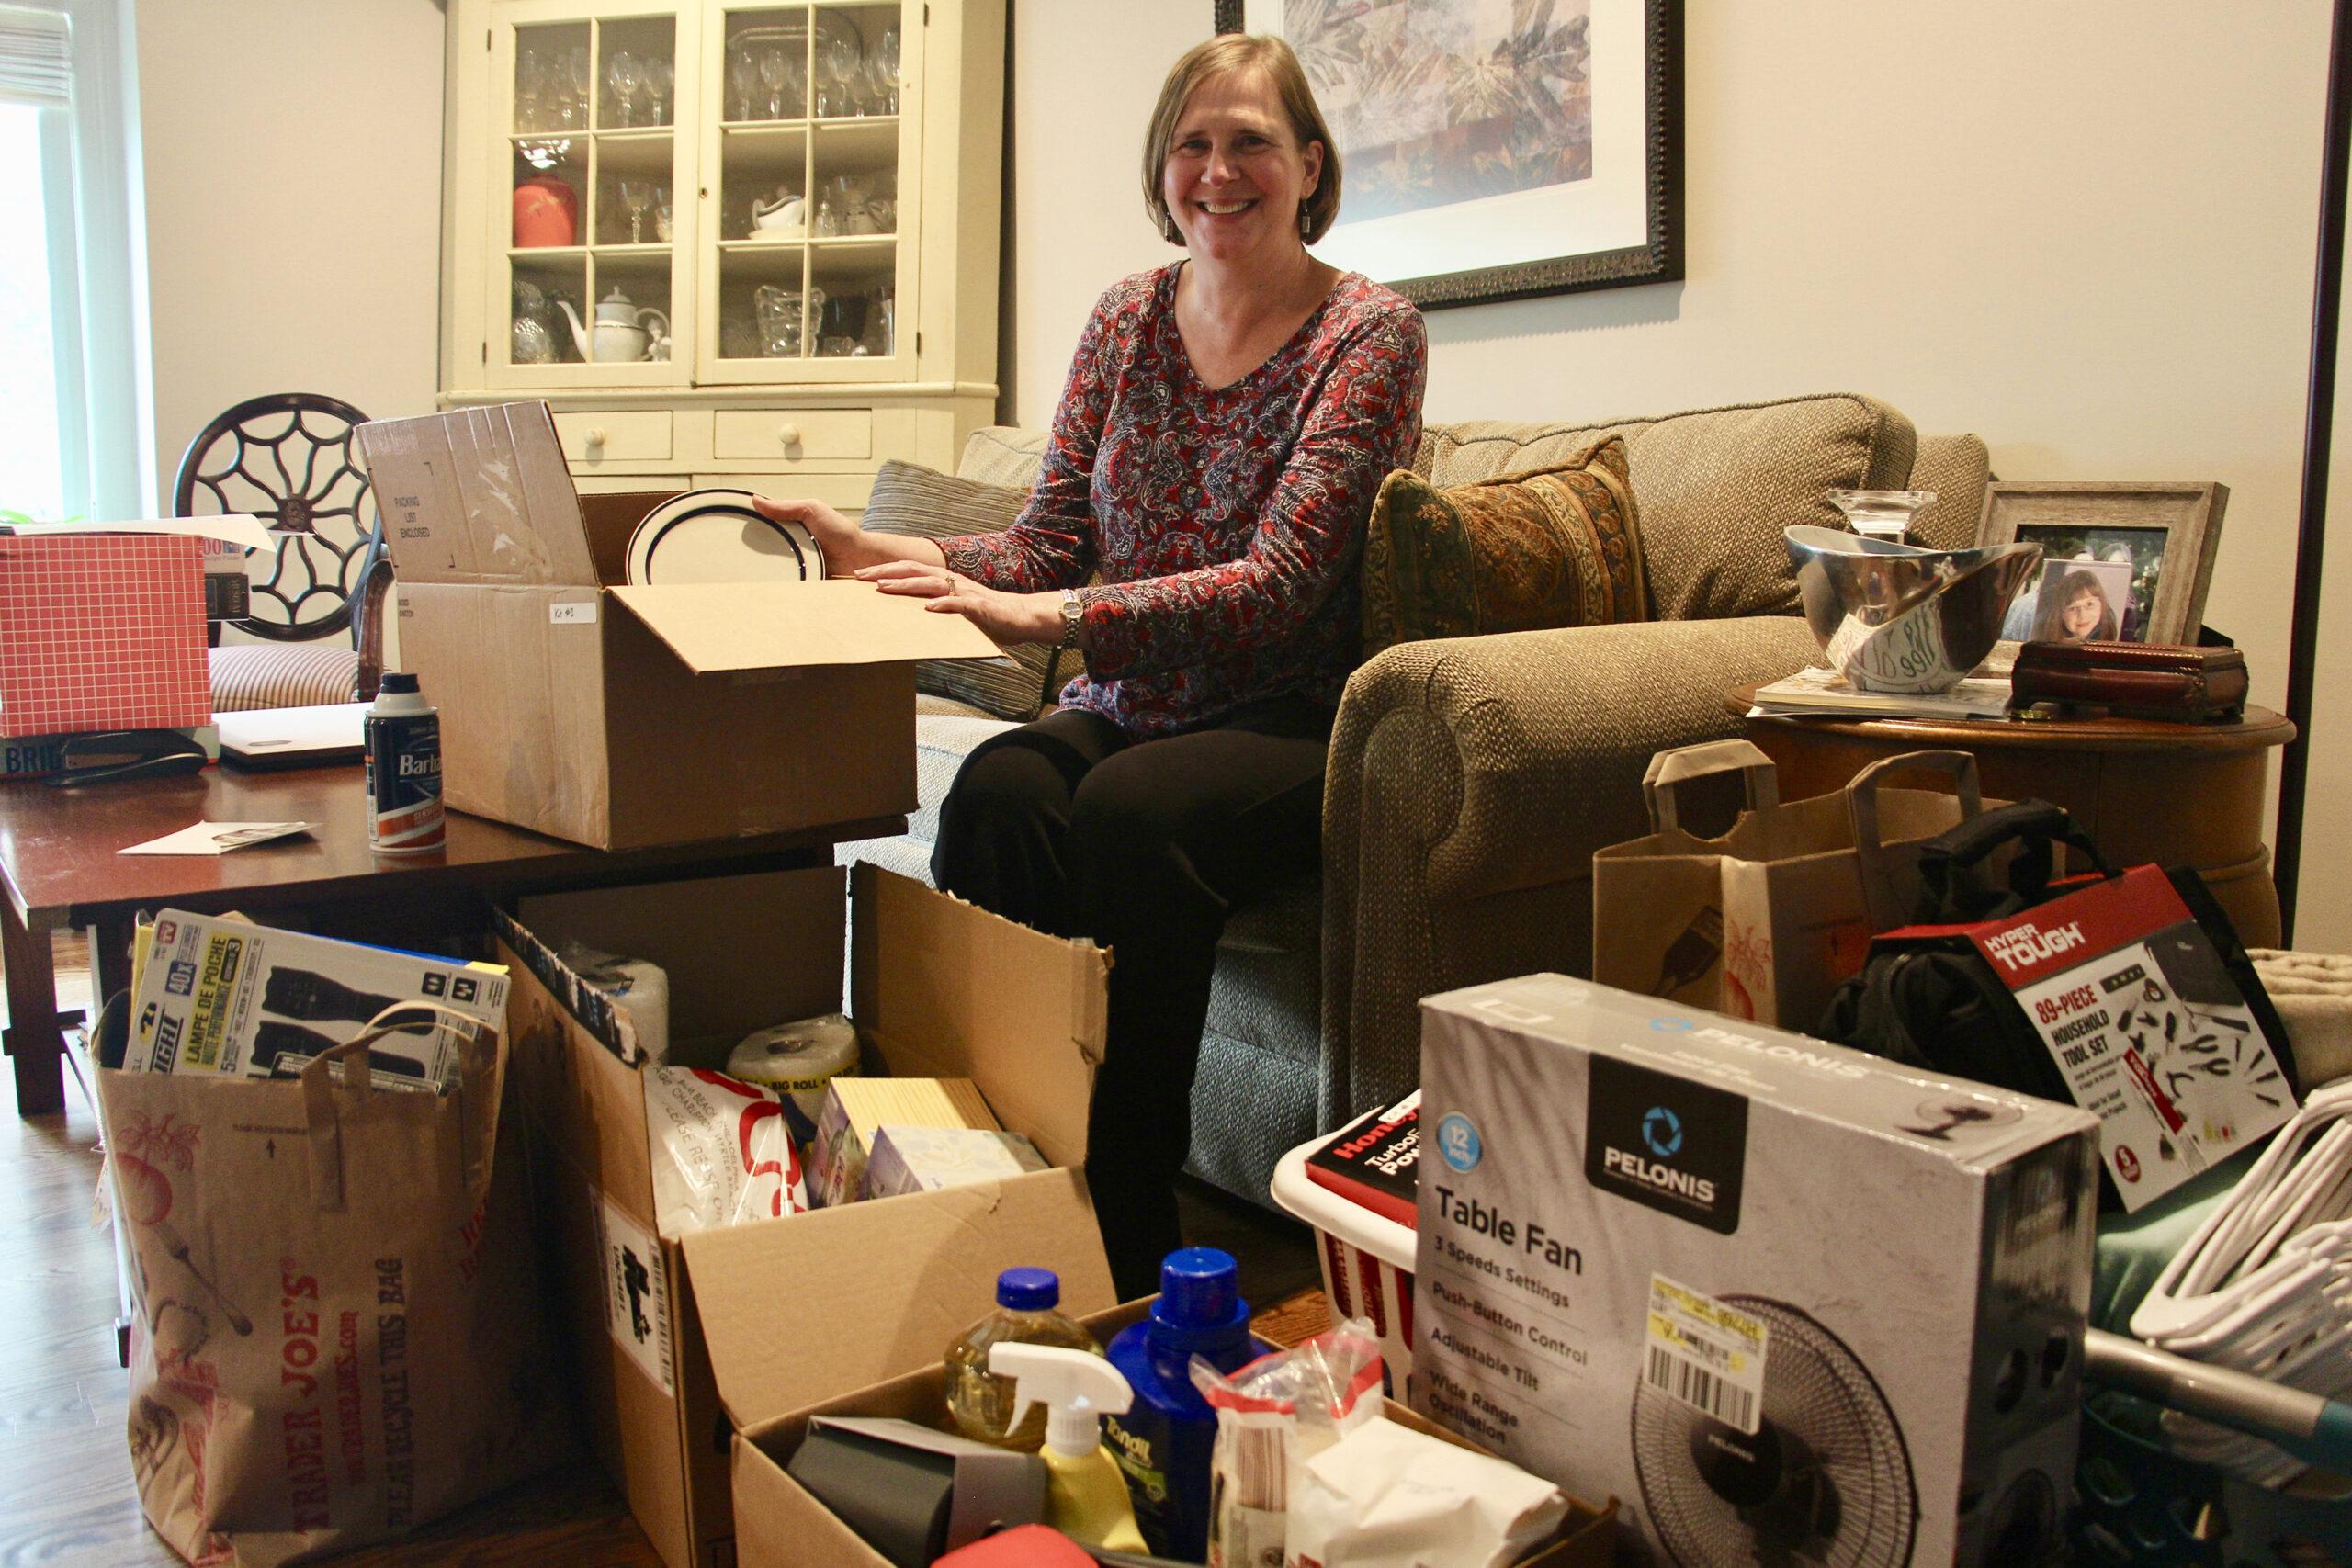 Amy Treier helps Afghan evacuees